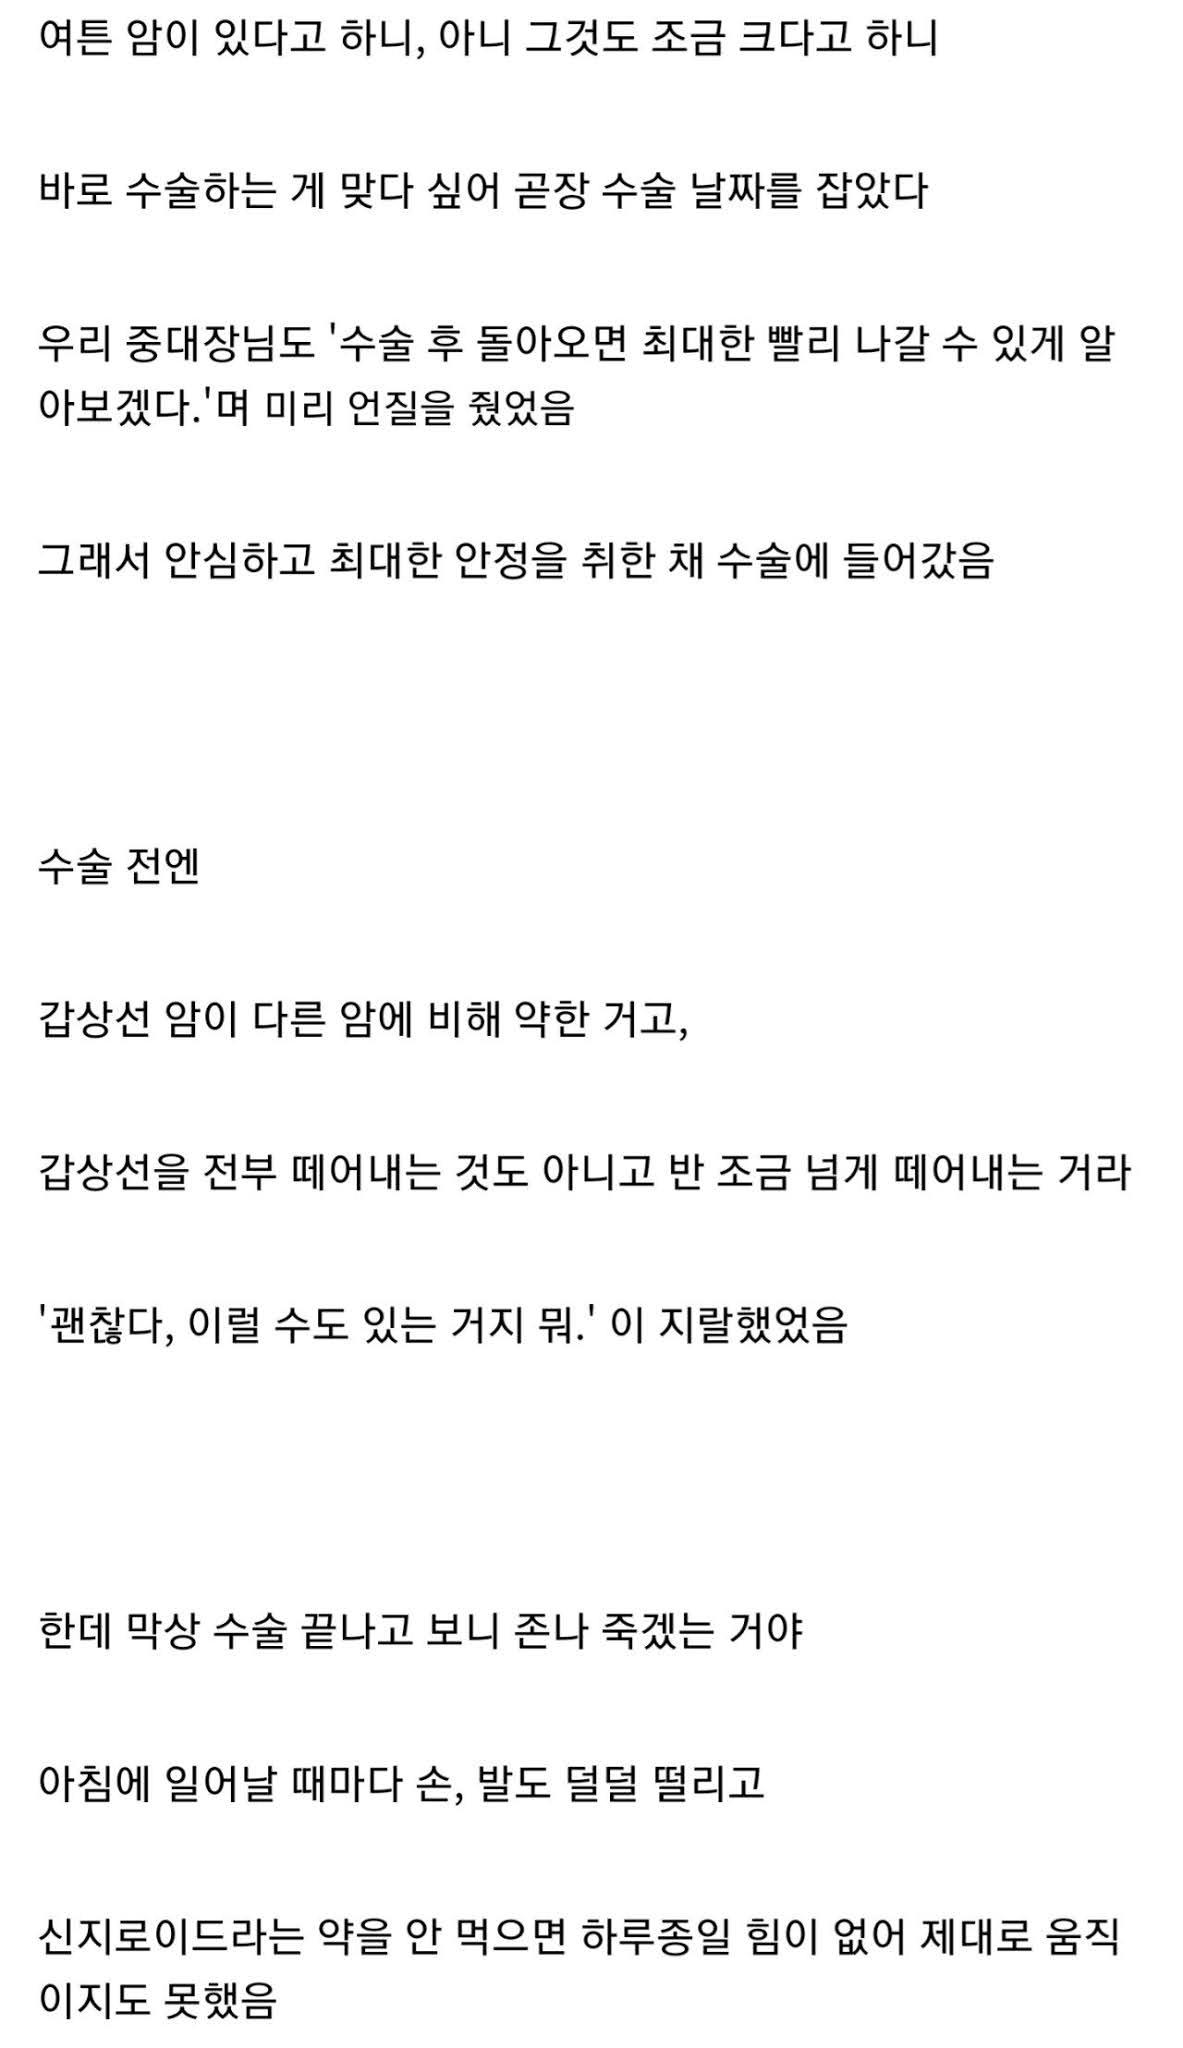 현역 복무도중 암 확진 받은사람 썰 - issuetalk.net